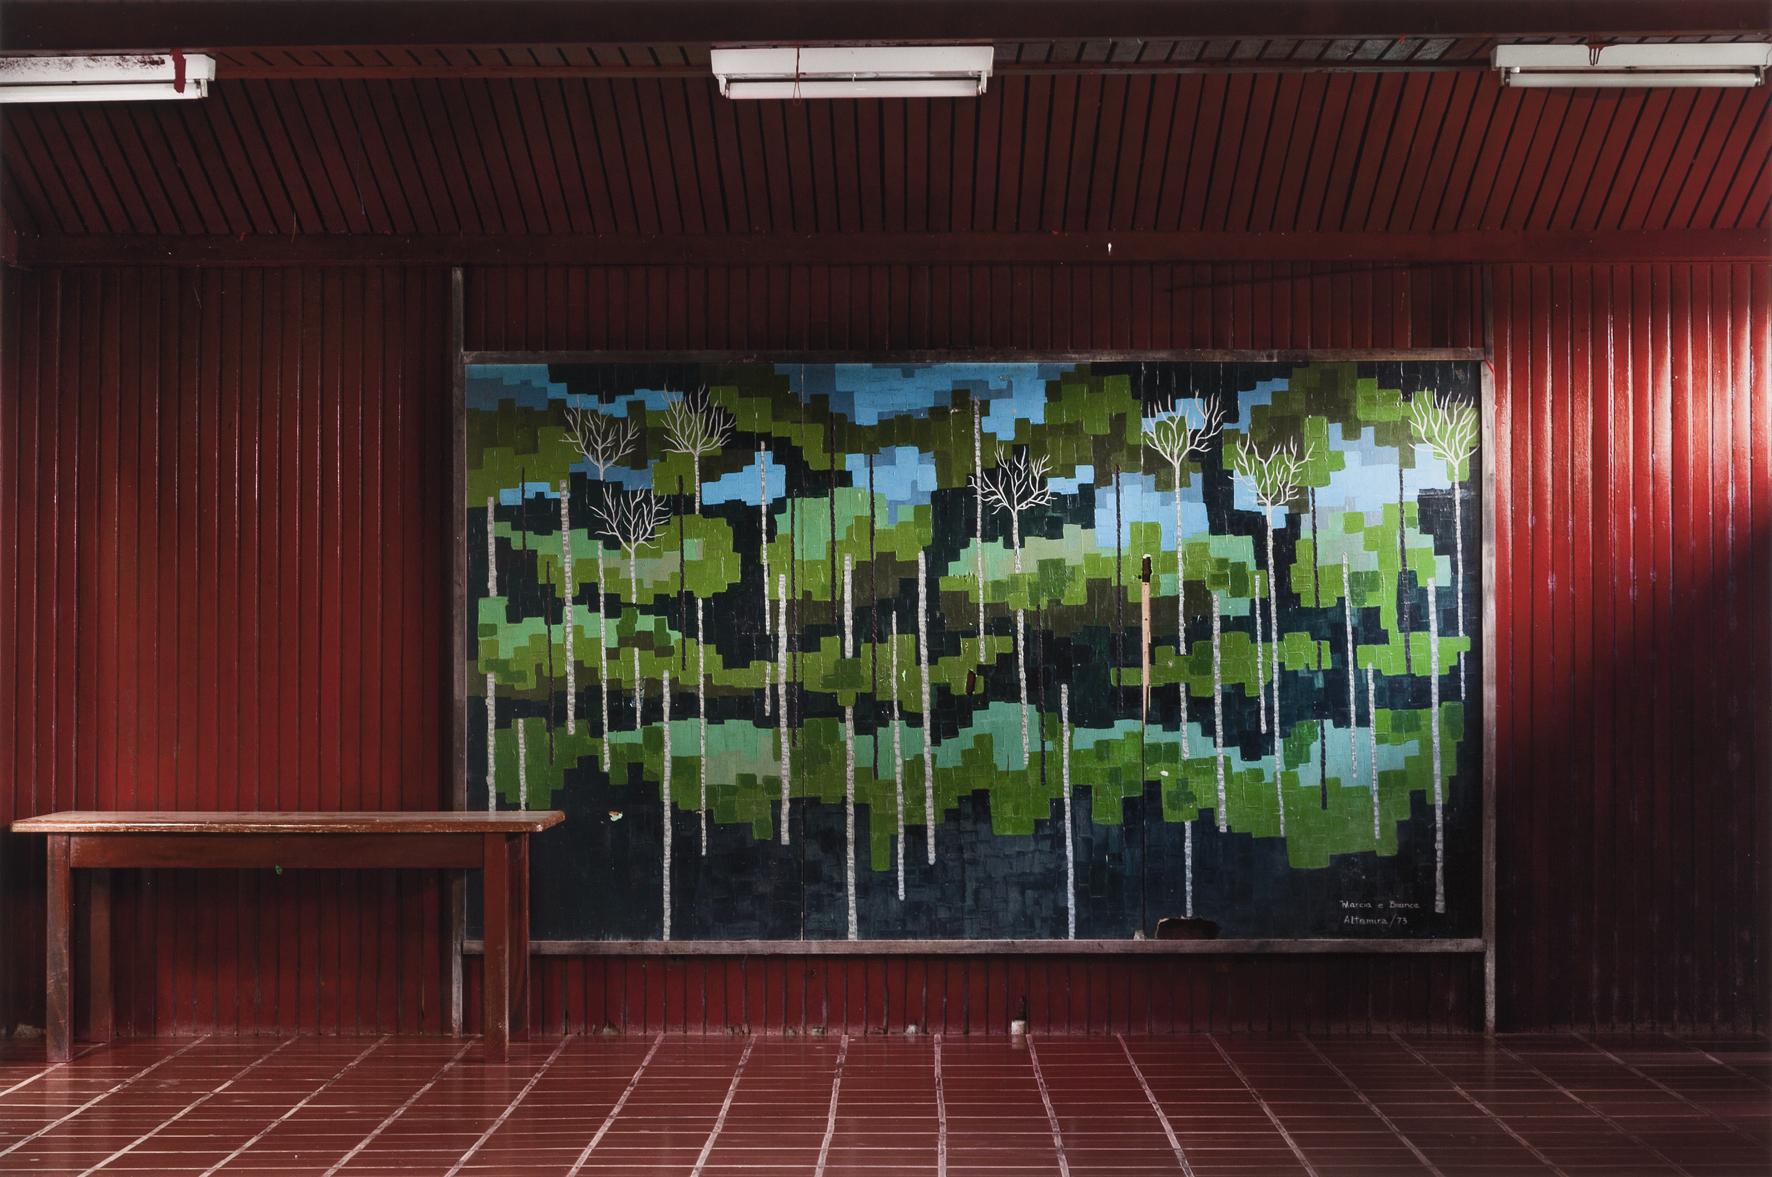 Romy Pocztaruk, A última aventura de Emílio Médici, 2011, série A última aventura, fotografia digital, impressão digital feita sobre papel de algodão - Acervo da Pinacoteca de São Paulo